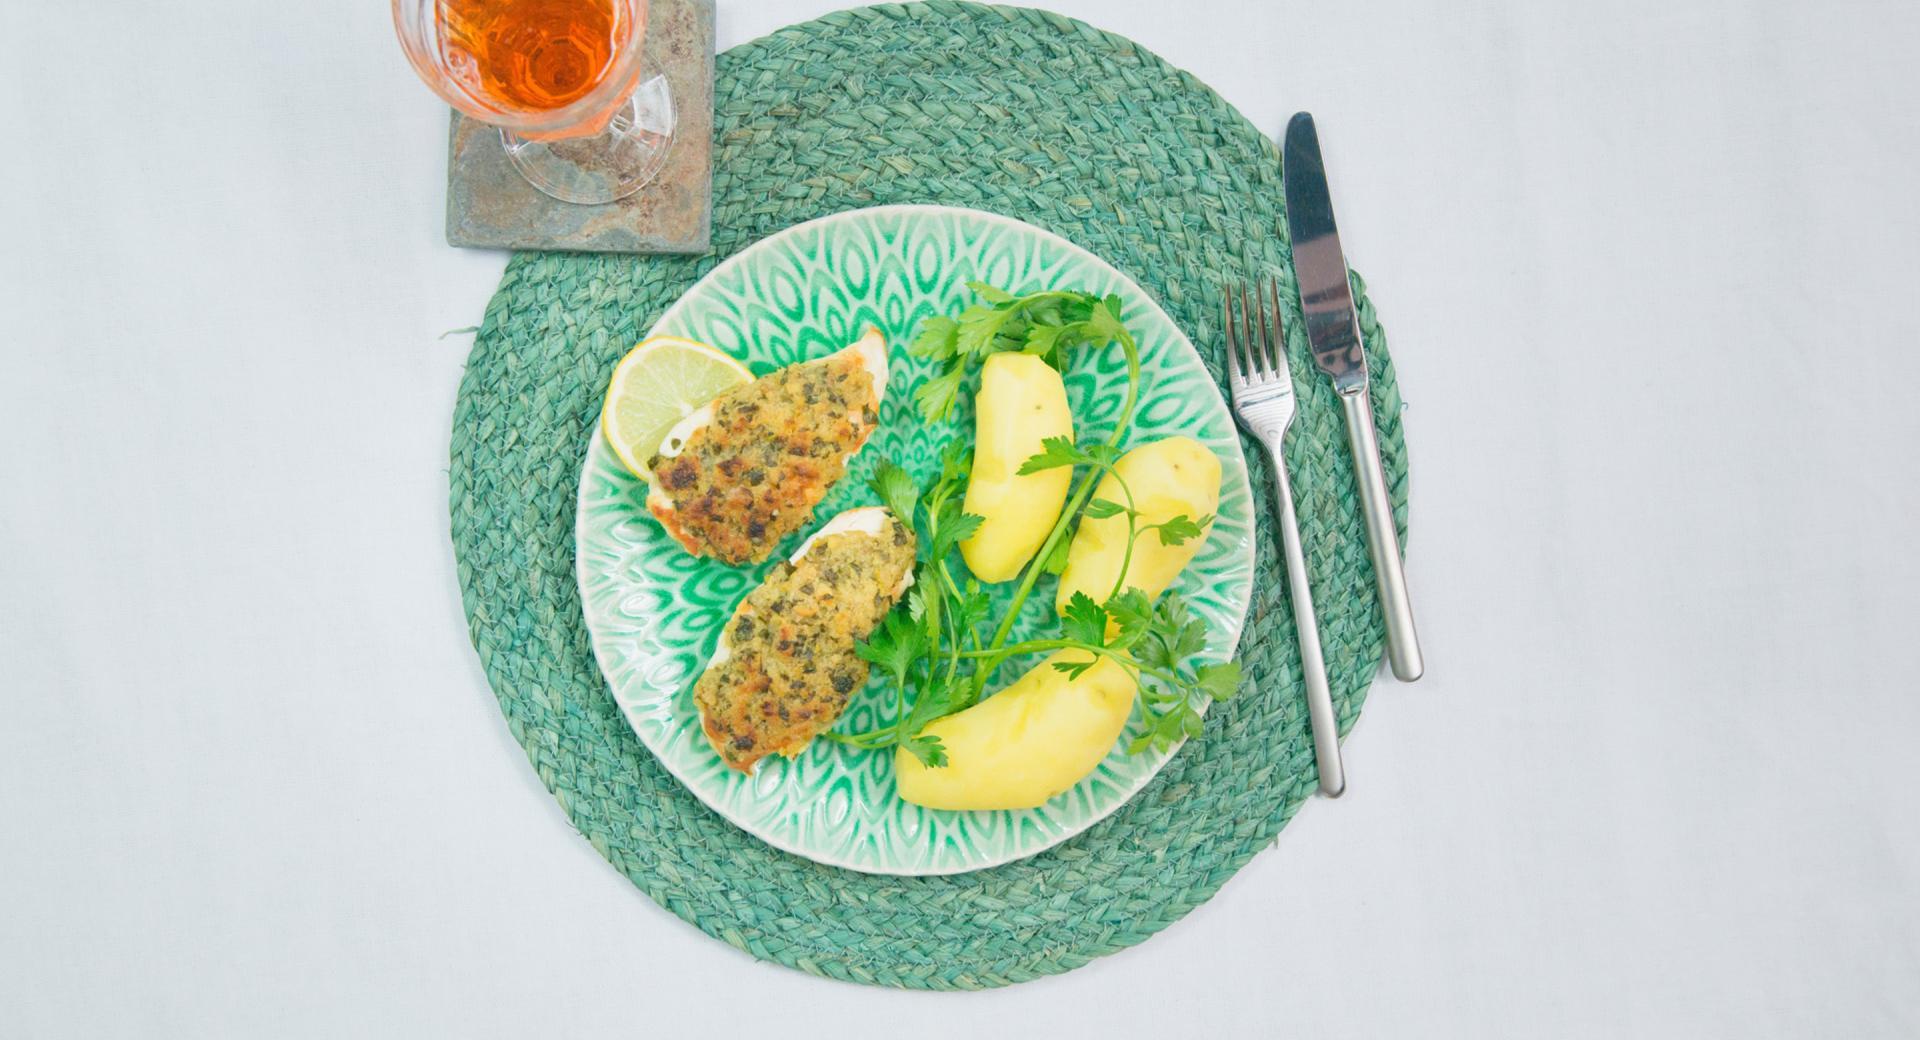 Petti di pollo in crosta di limone e prezzemolo